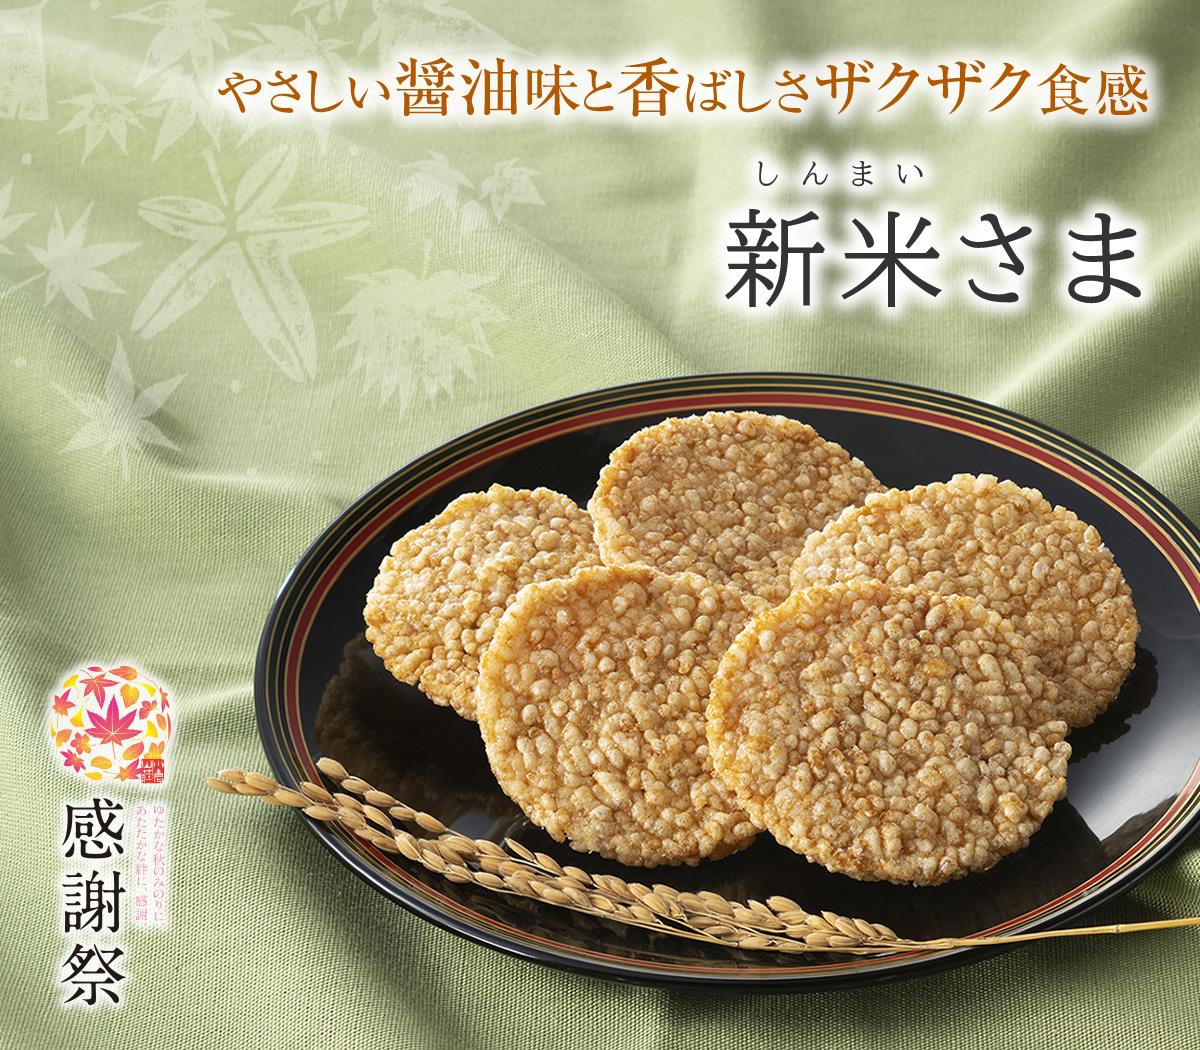 やさしい醤油味と香ばしさザクザク食感 新米さま